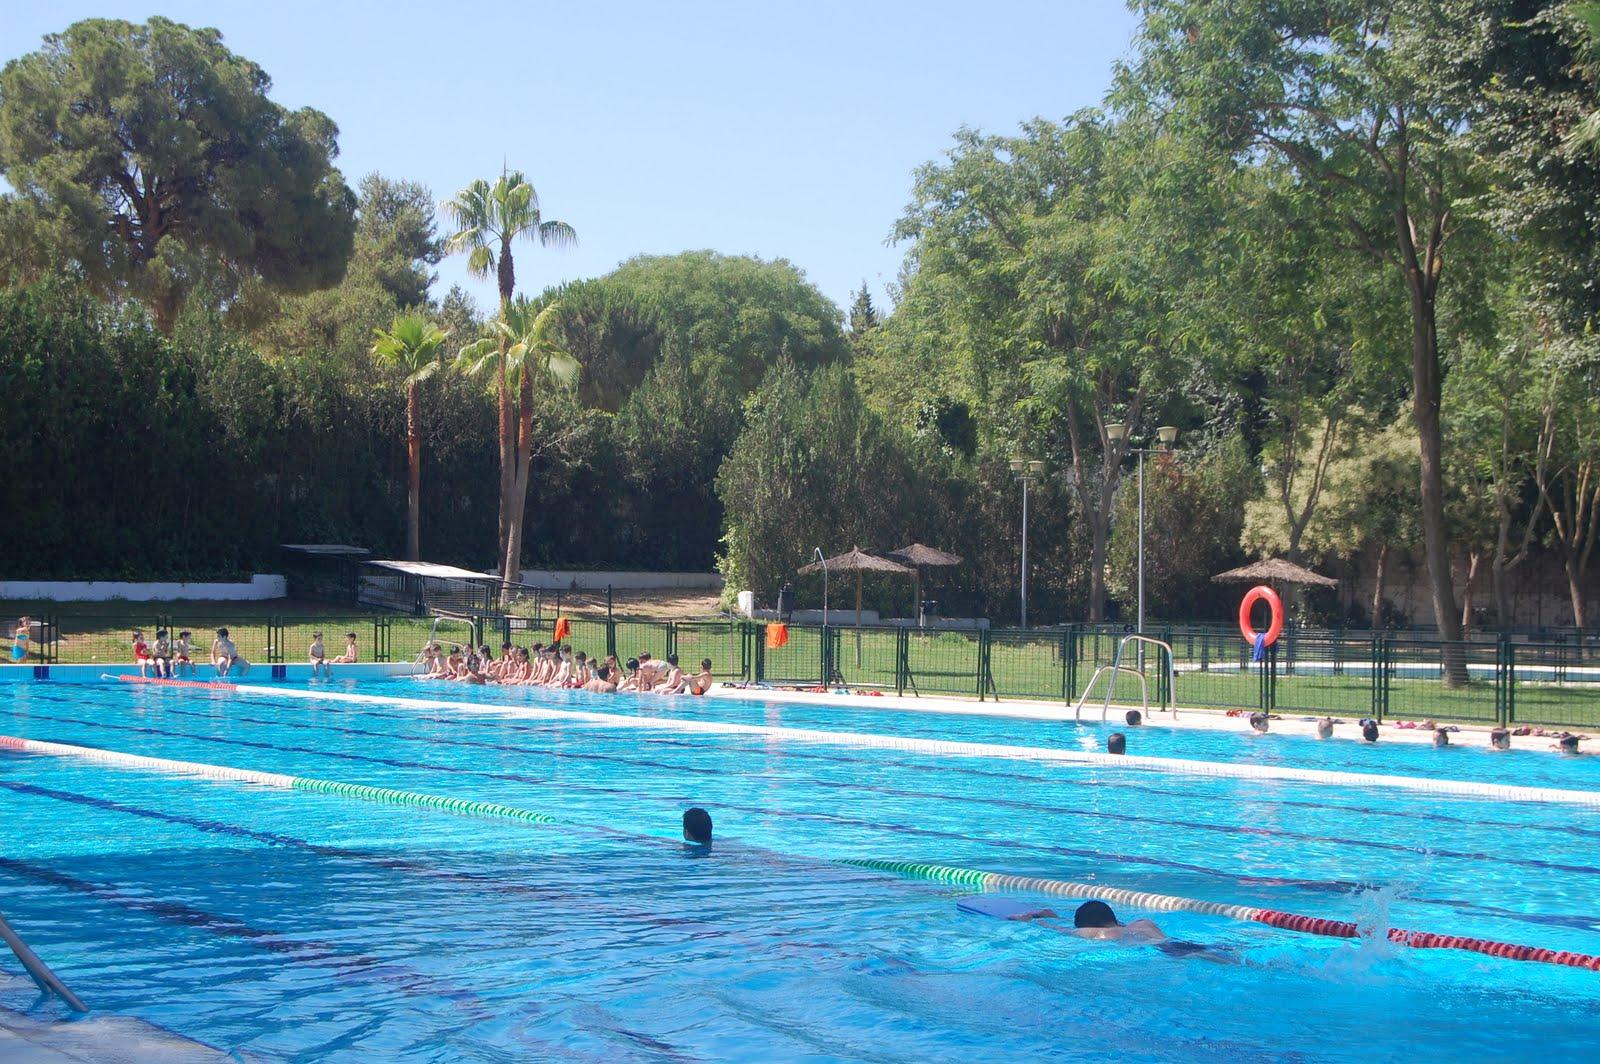 Gruposocialistaalcalaguadaira la piscina municipal de san juan abre el jueves 17 de junio - Piscina cubierta alcala de guadaira ...